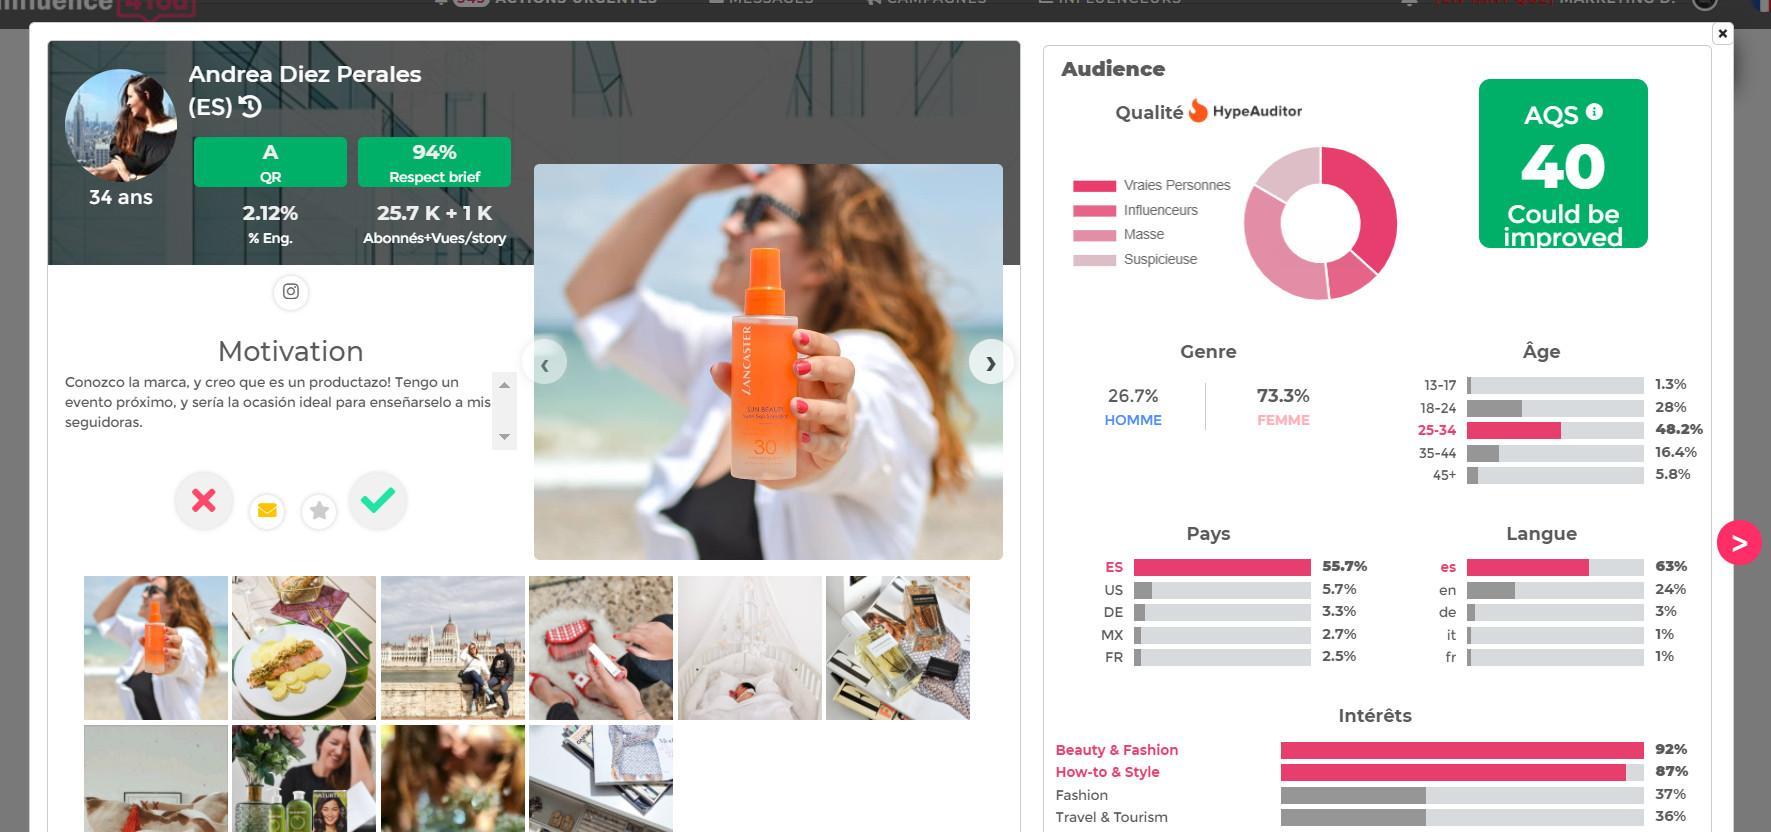 Avis Influence4You : La plateforme à + de 150K influenceurs et 37M de profils - Appvizer